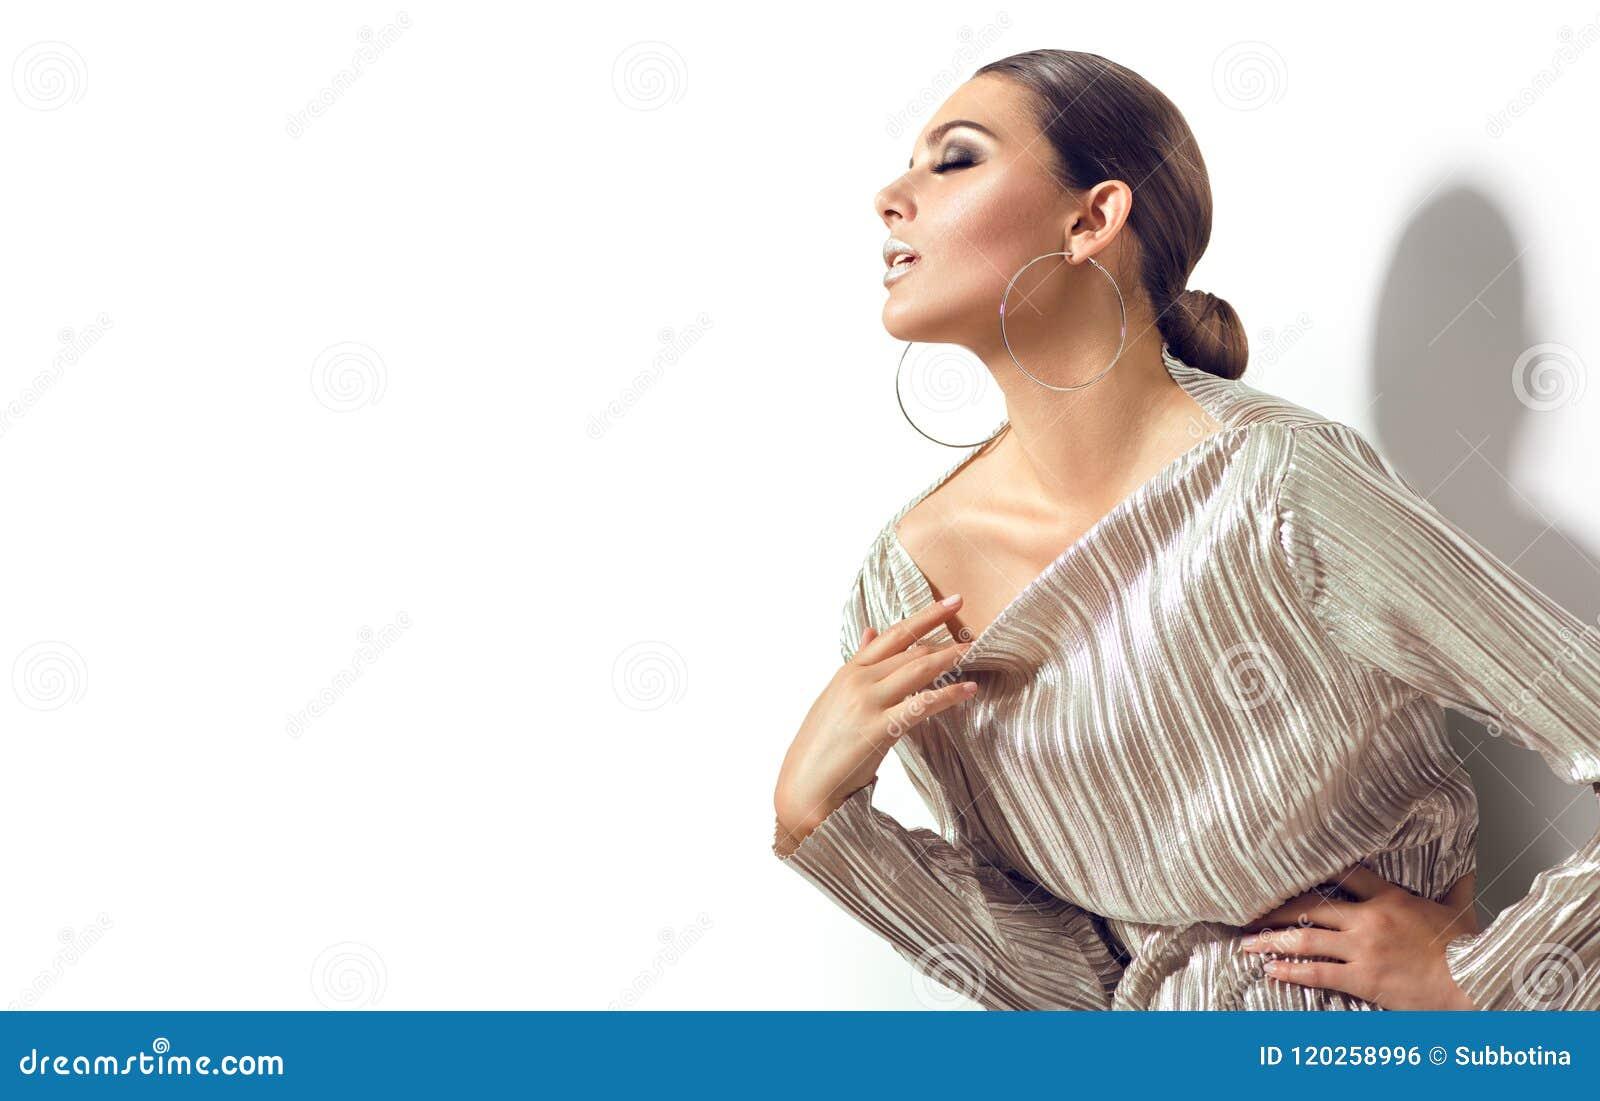 Фасонируйте брюнет модельную девушку изолированную на белой предпосылке Женщина красоты очарования сексуальная с совершенным сост